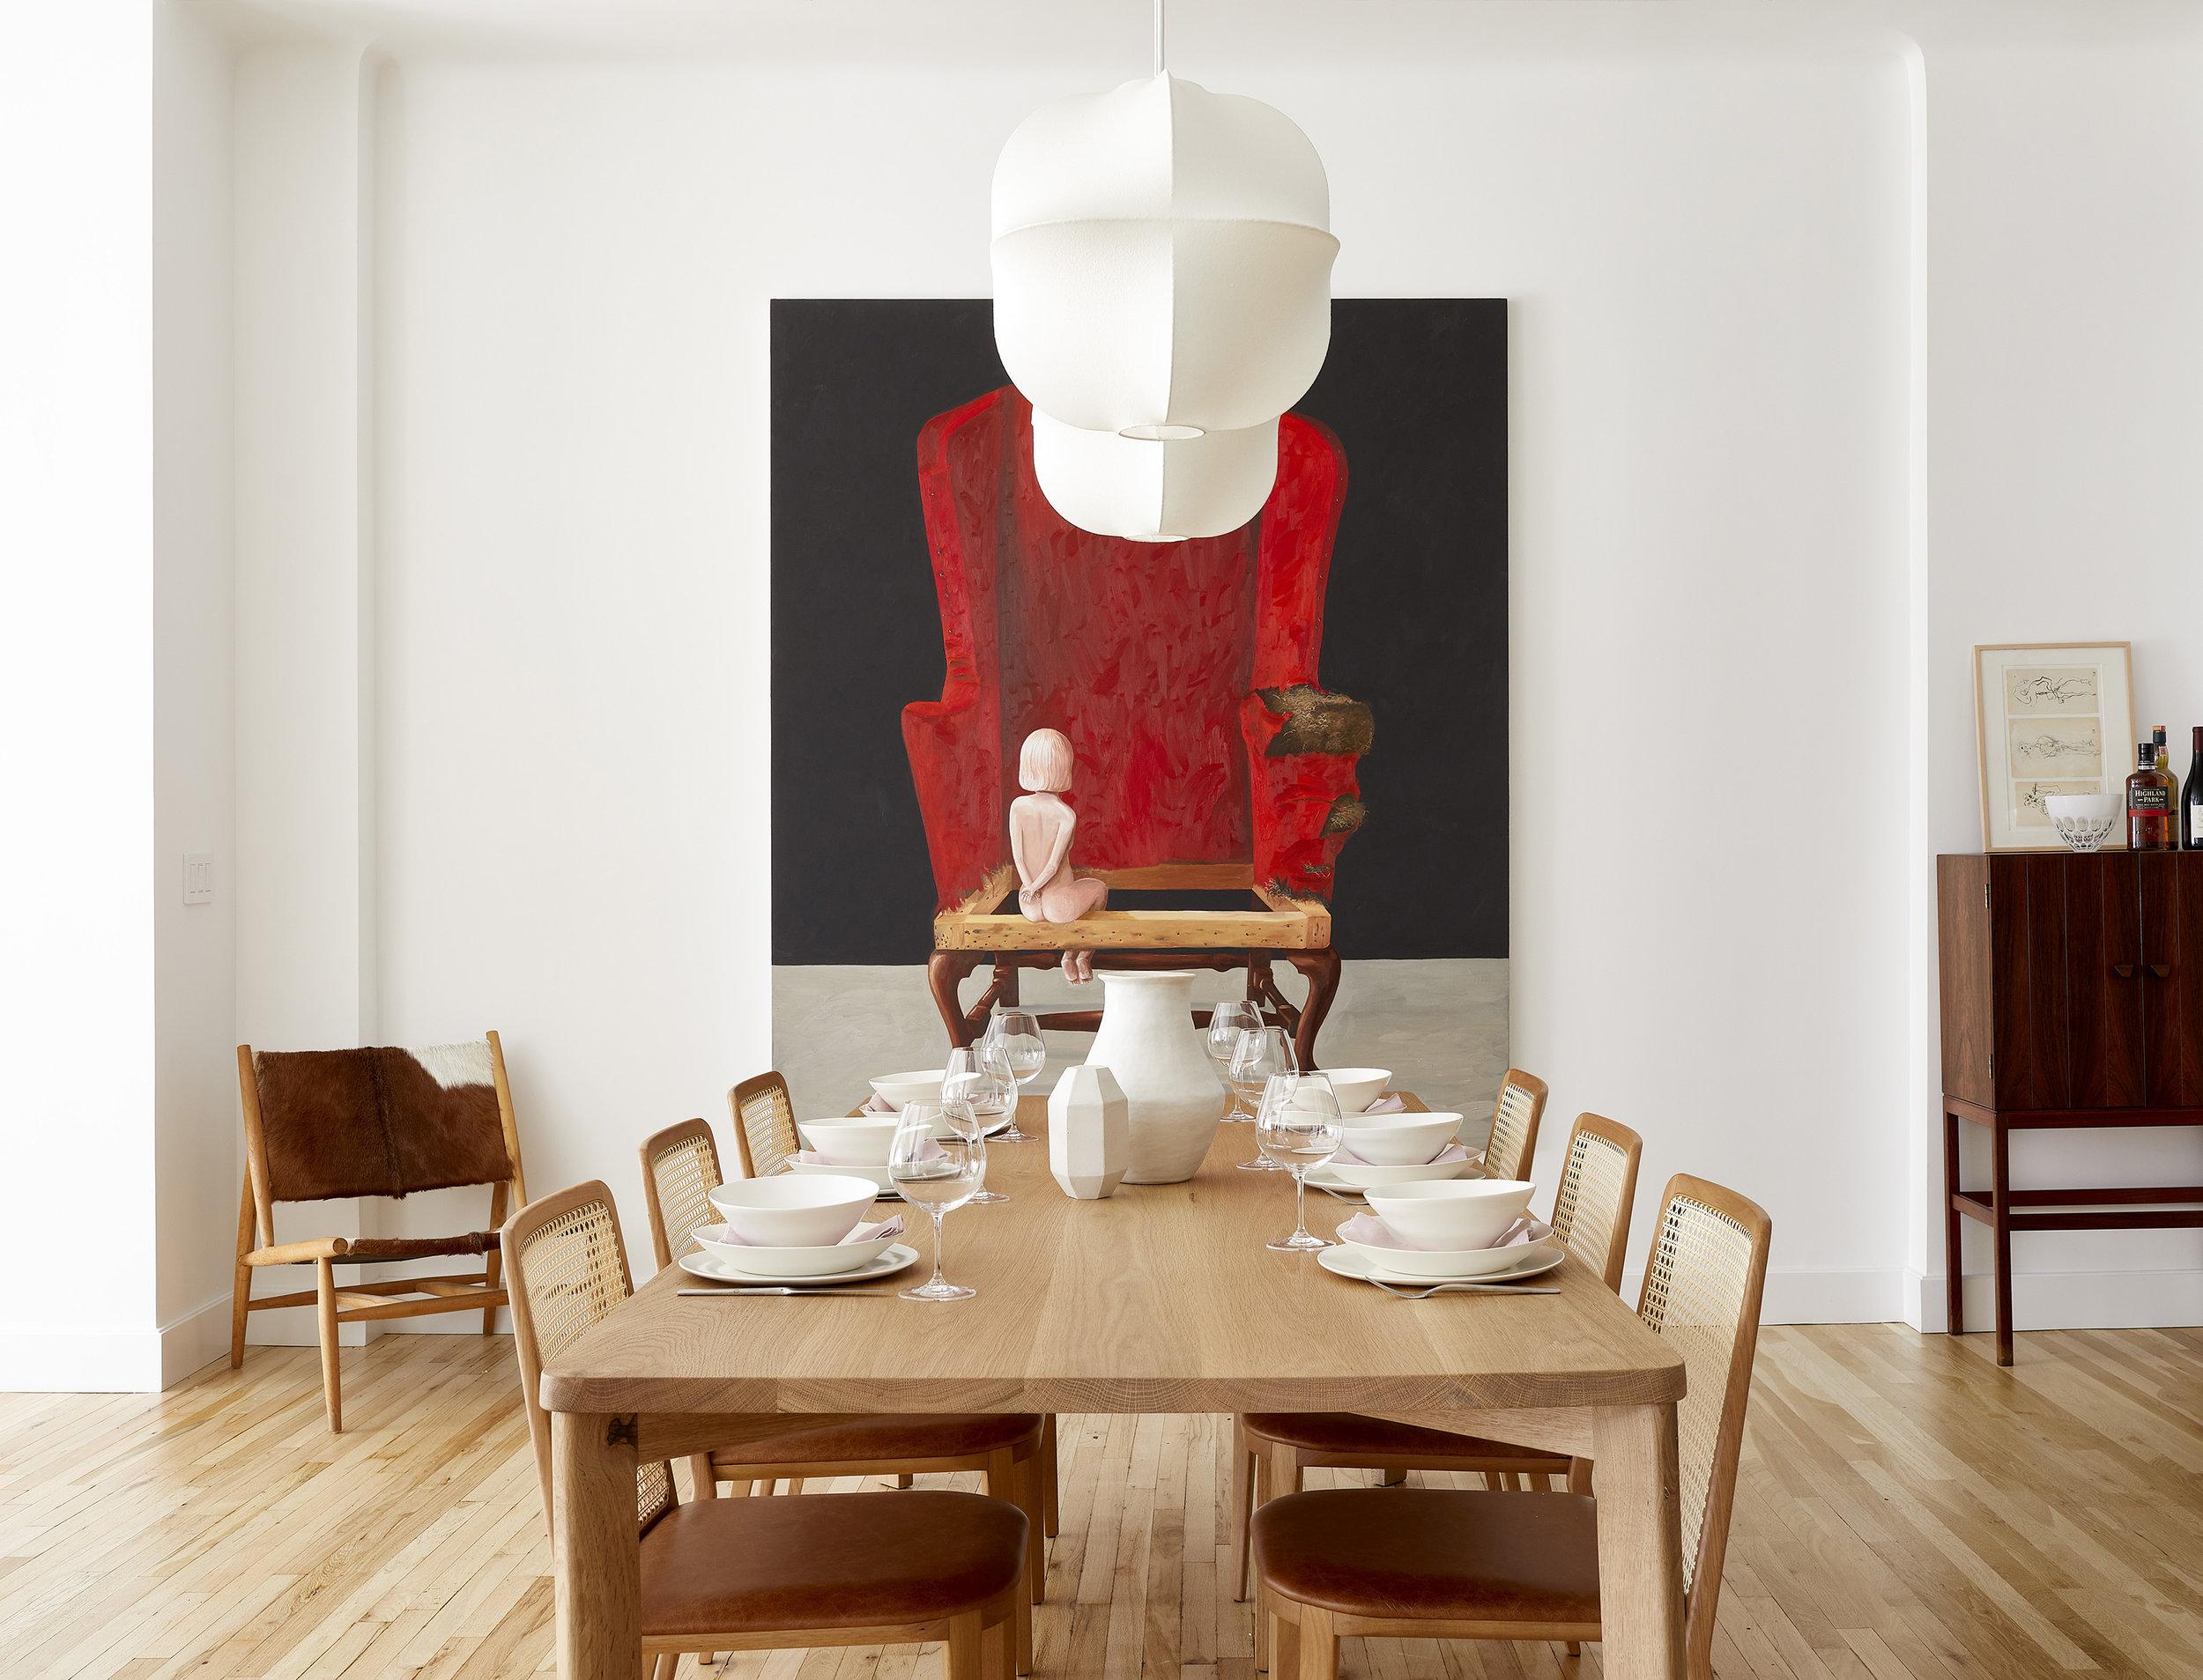 Shadow_Arch Nomad Loft Dining Room.jpg